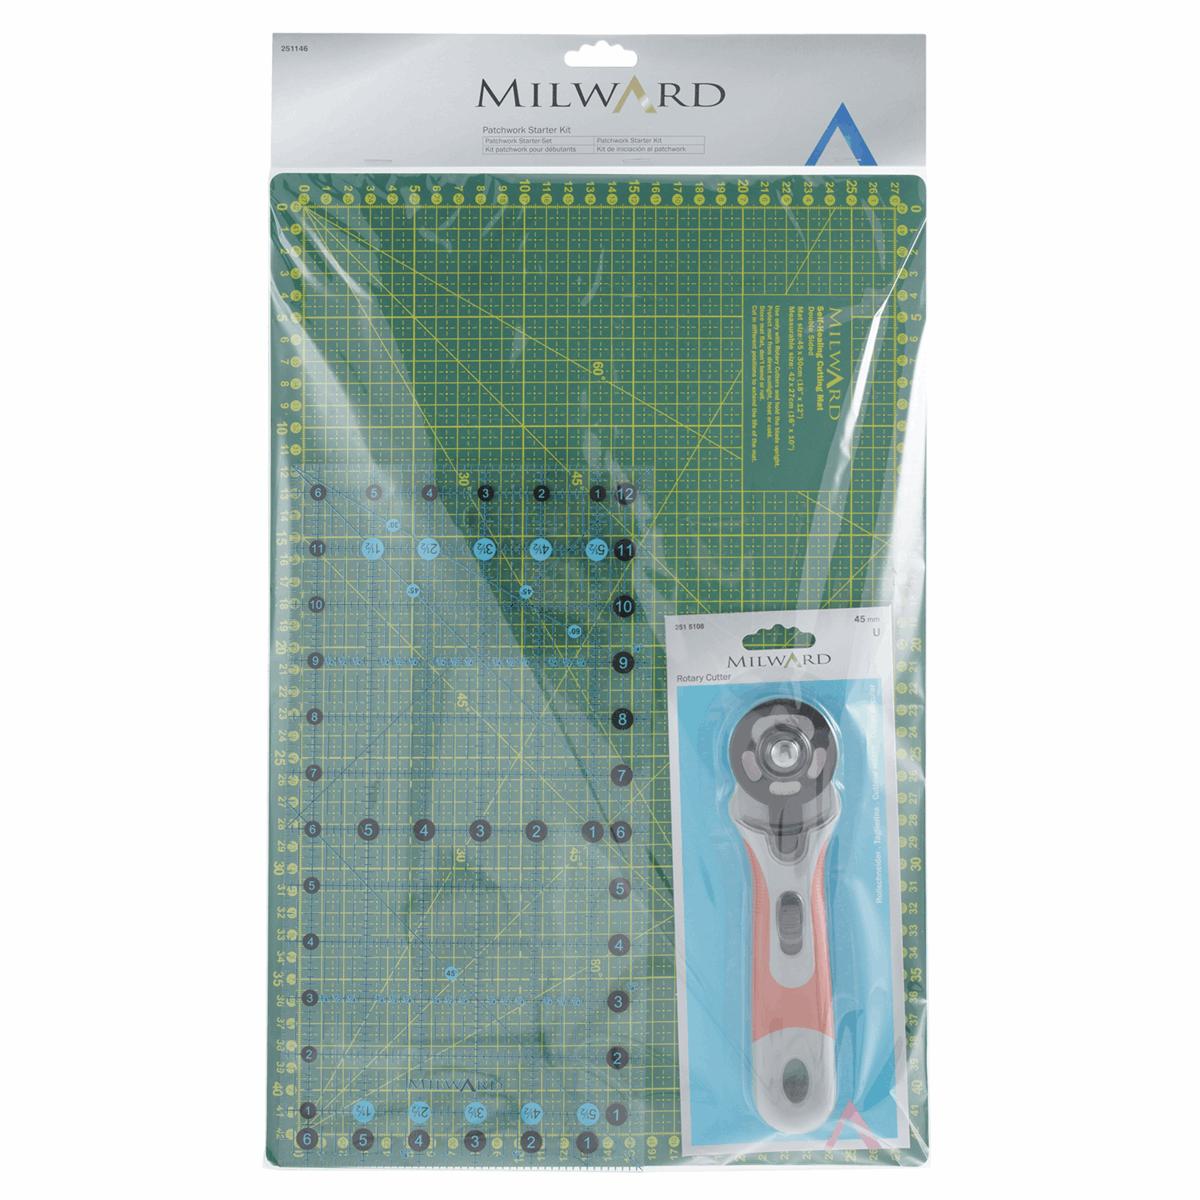 Milward Patchwork Starter Set Cutting Mat, Rotary Cutter, Ruler